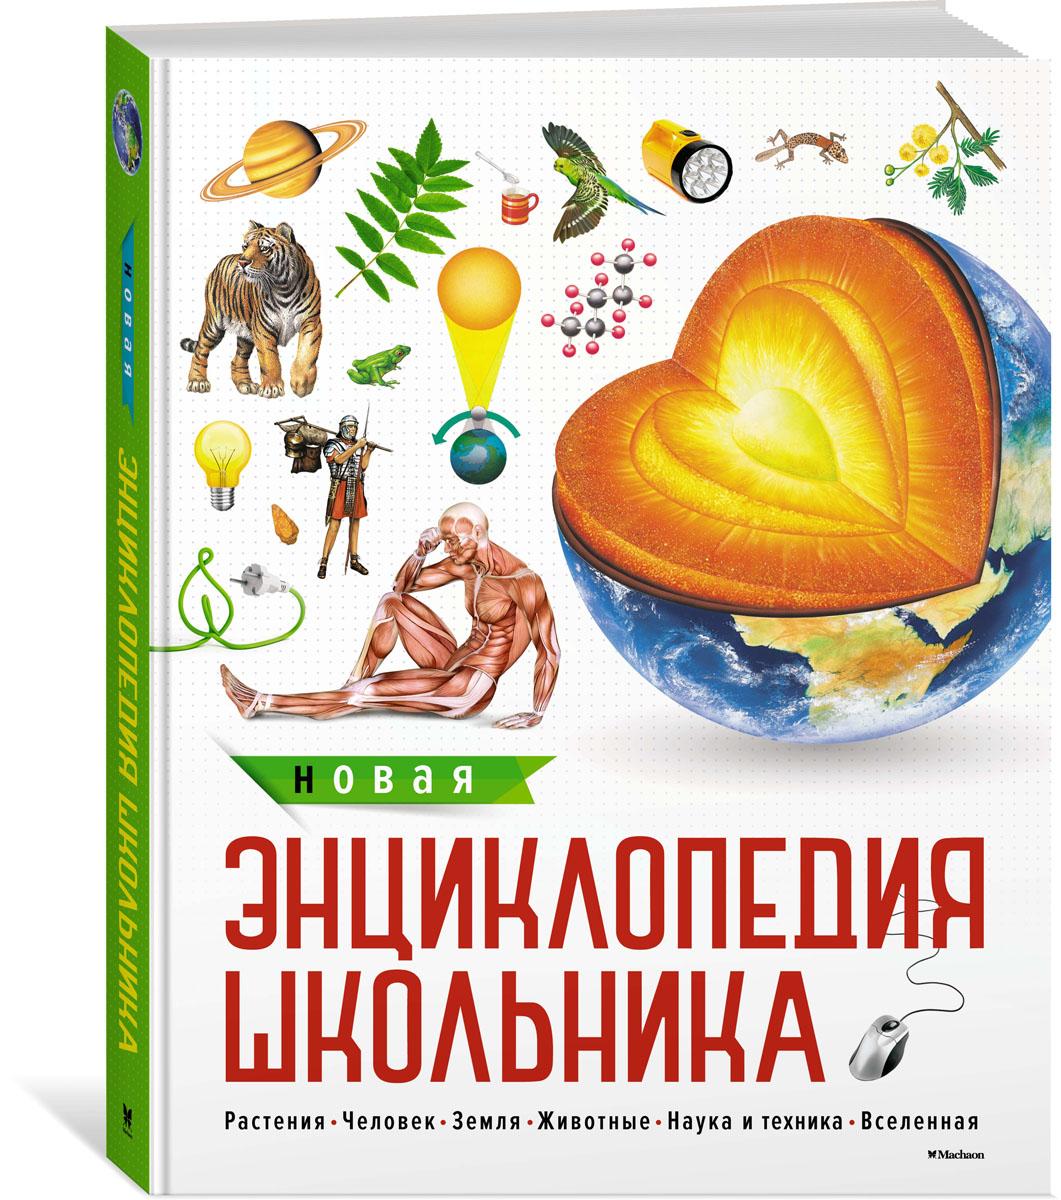 Обложка книги Новая энциклопедия школьника